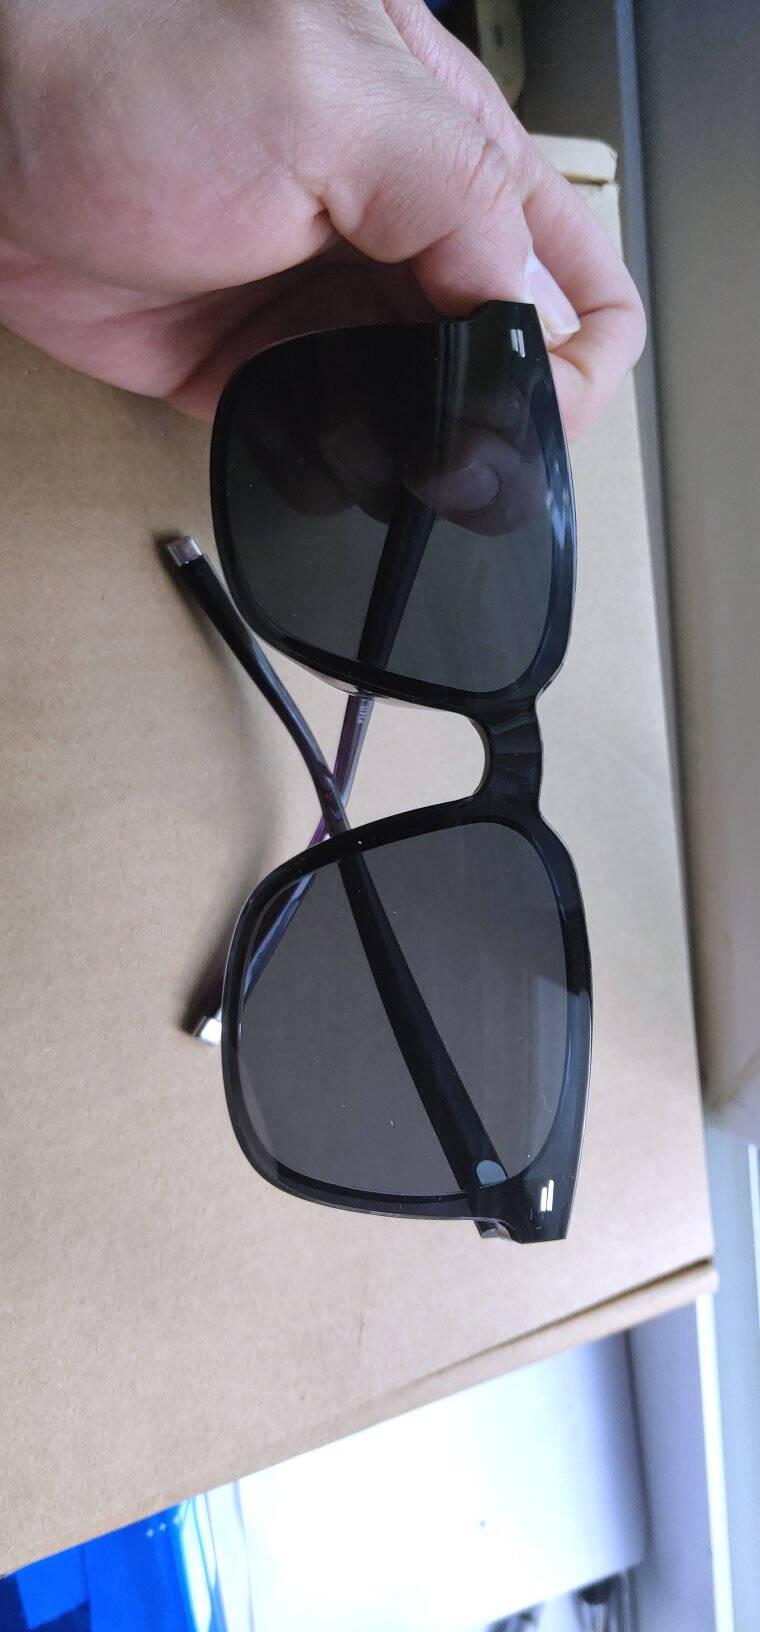 暴龙太阳镜王俊凯演唱会无字版墨镜眼镜男女护目镜BL5035F70-蓝灰色【王俊凯同款】